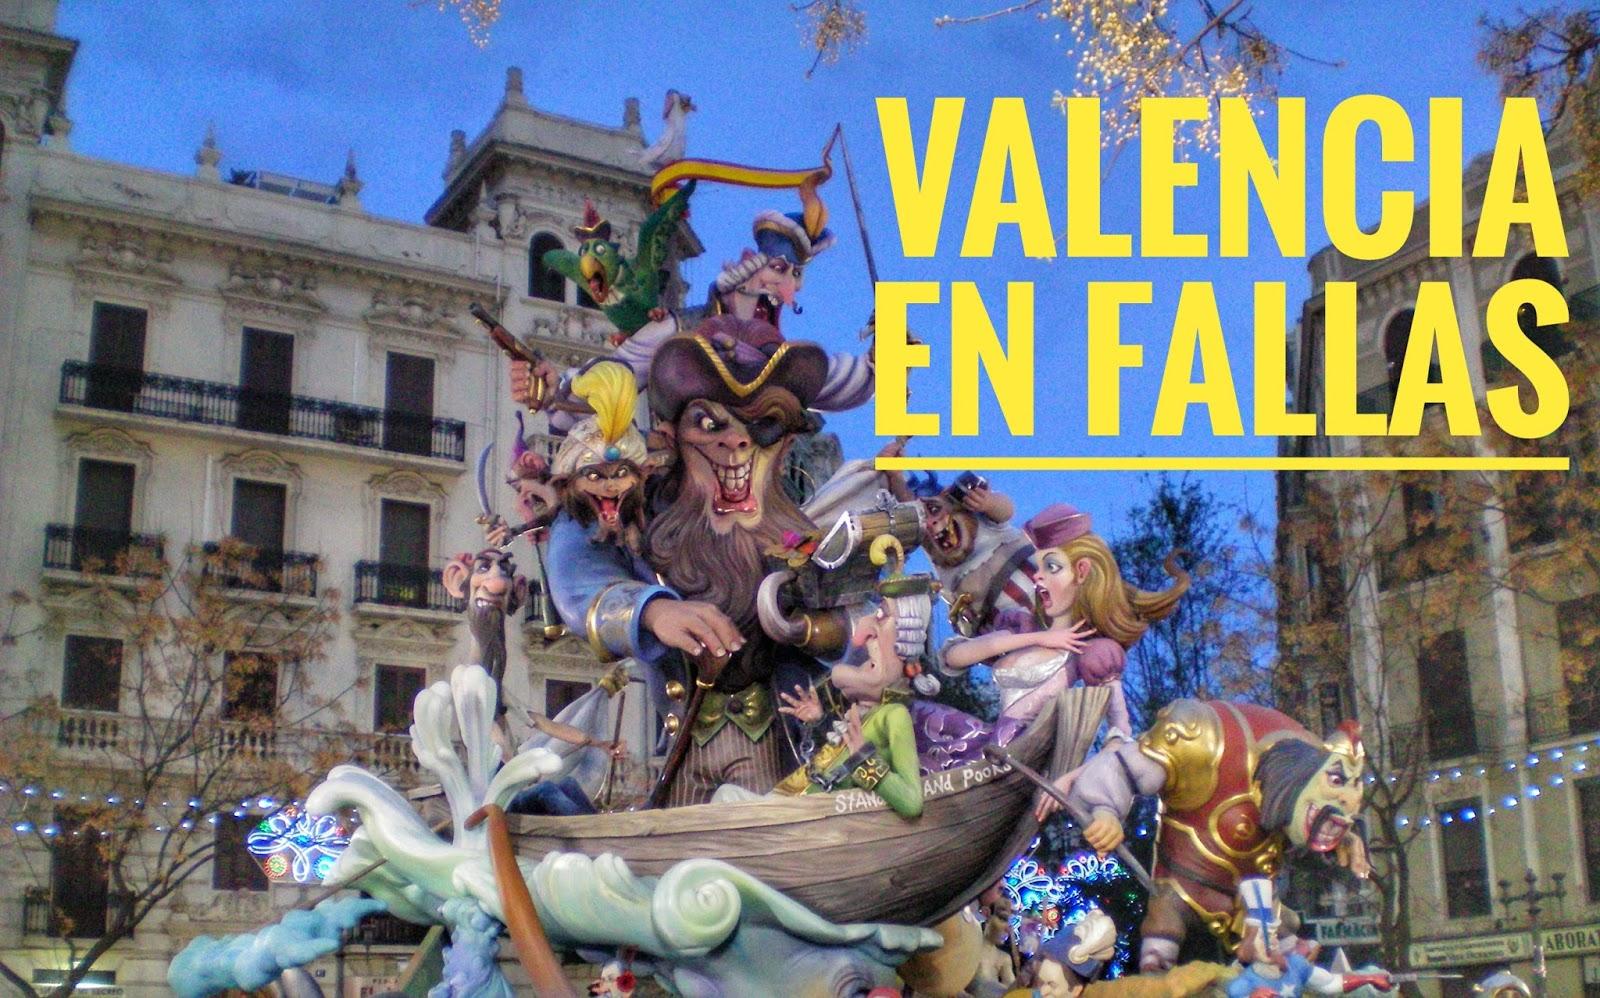 Valencia, turismo en Fallas 2017 ¿qué visitar?